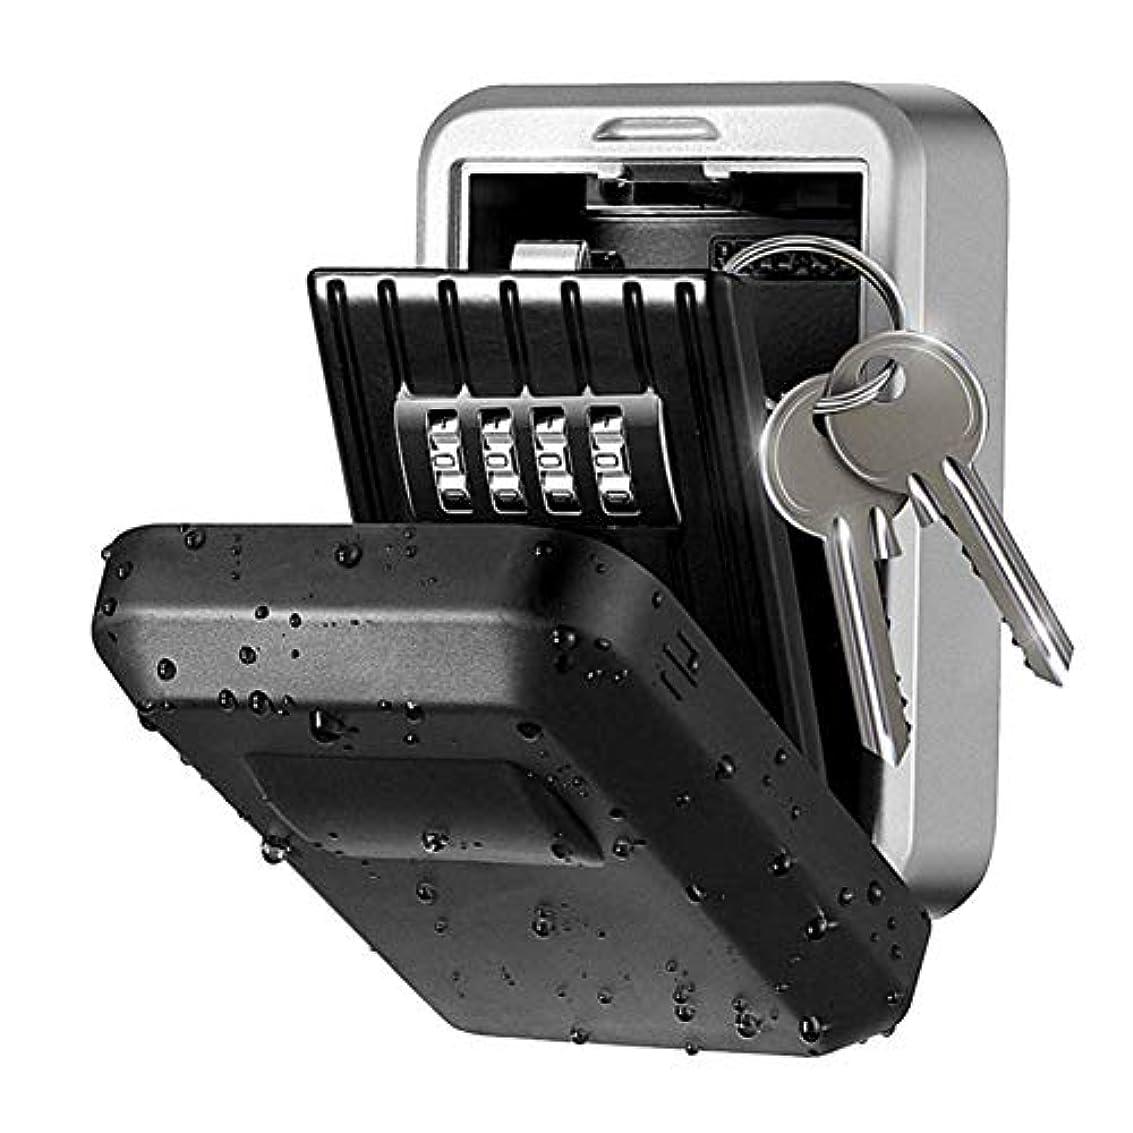 預言者いたずら位置づけるKey Storage Box,ZOZOE Wall Mount Key Lock Box - Strong, Metal, Outdoors 4 Digit Combination Wall Mount Key Safe Security Storage Box for Sharing Keys Securely Indoor and Outdoor Home Office